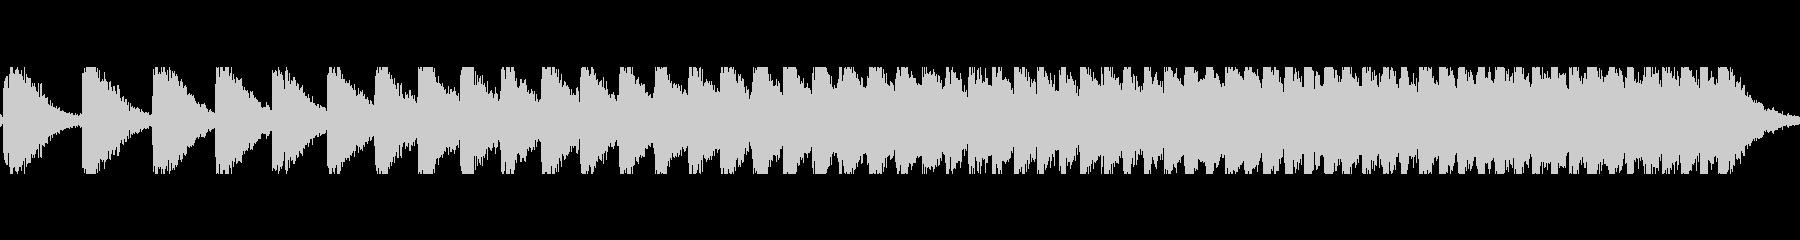 トーンスコアブザーワイルドの未再生の波形